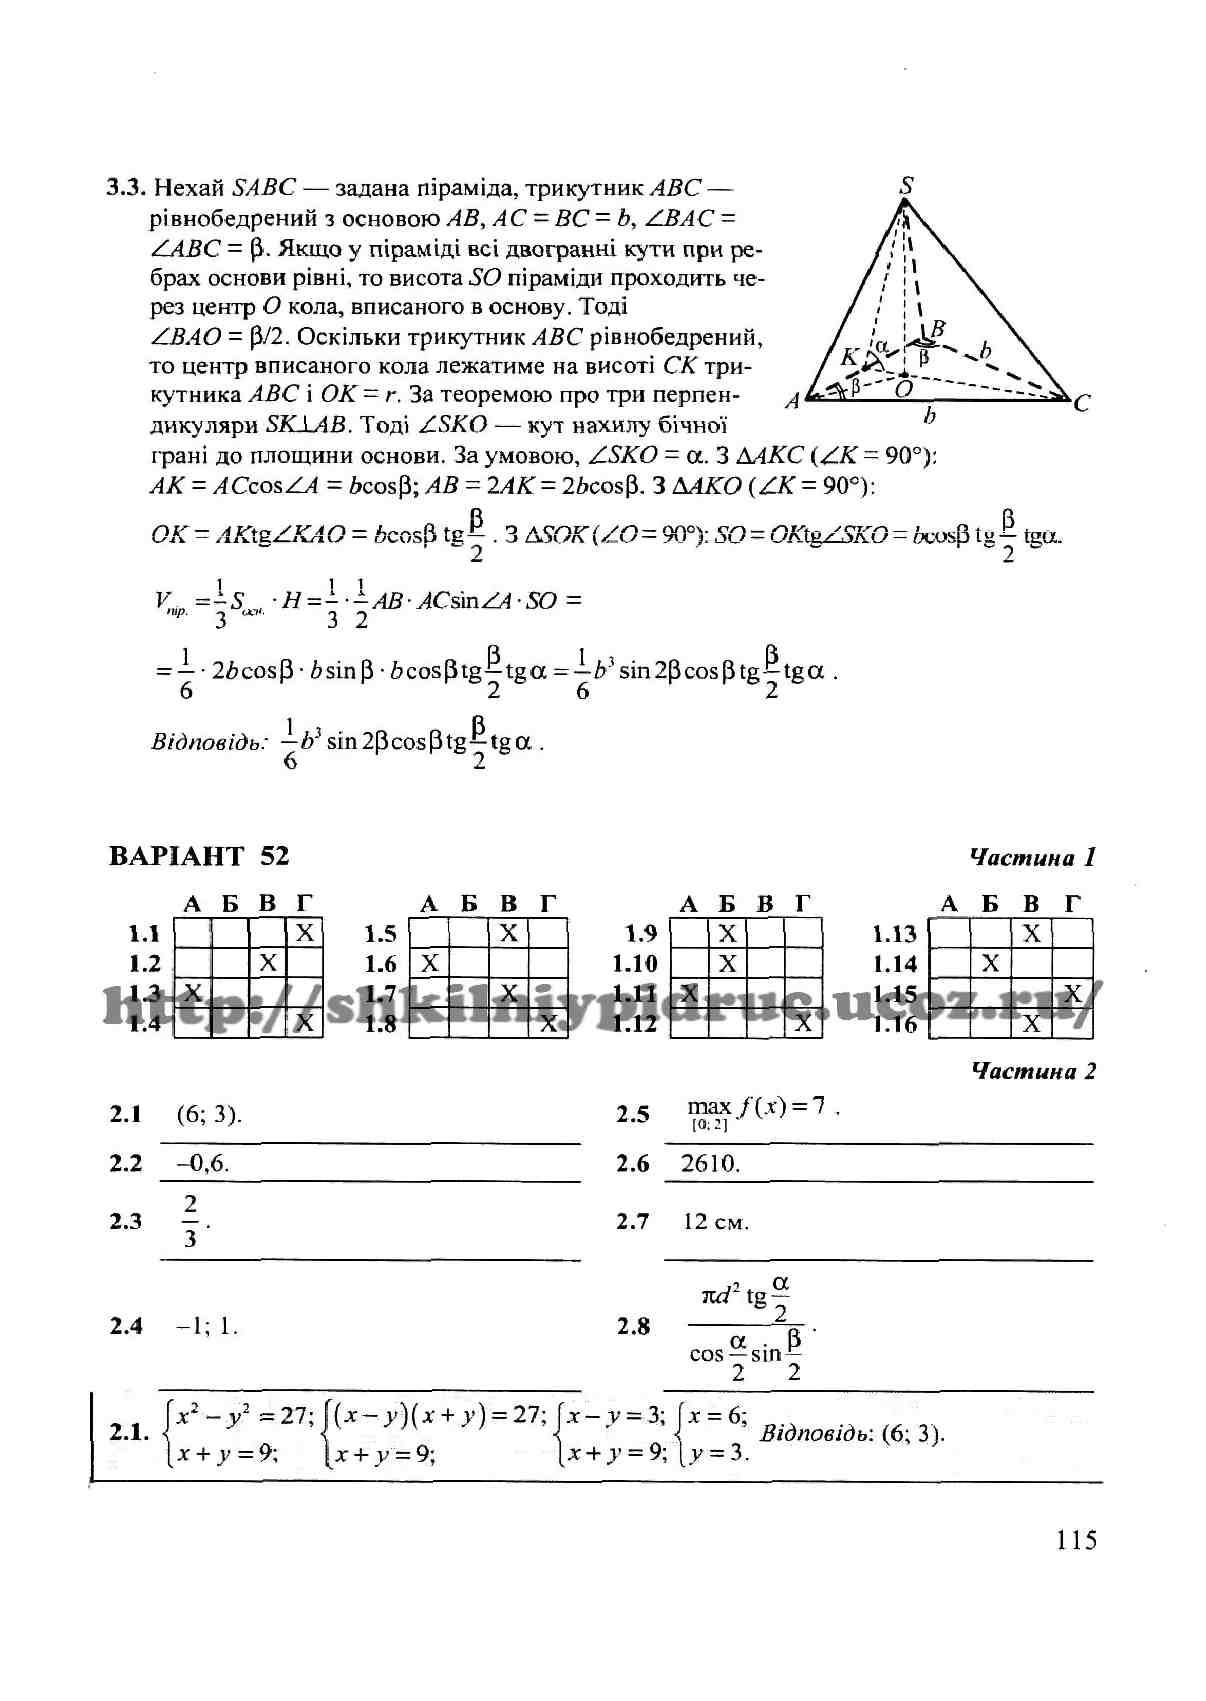 11 решебник 2019 на класс физика дпа